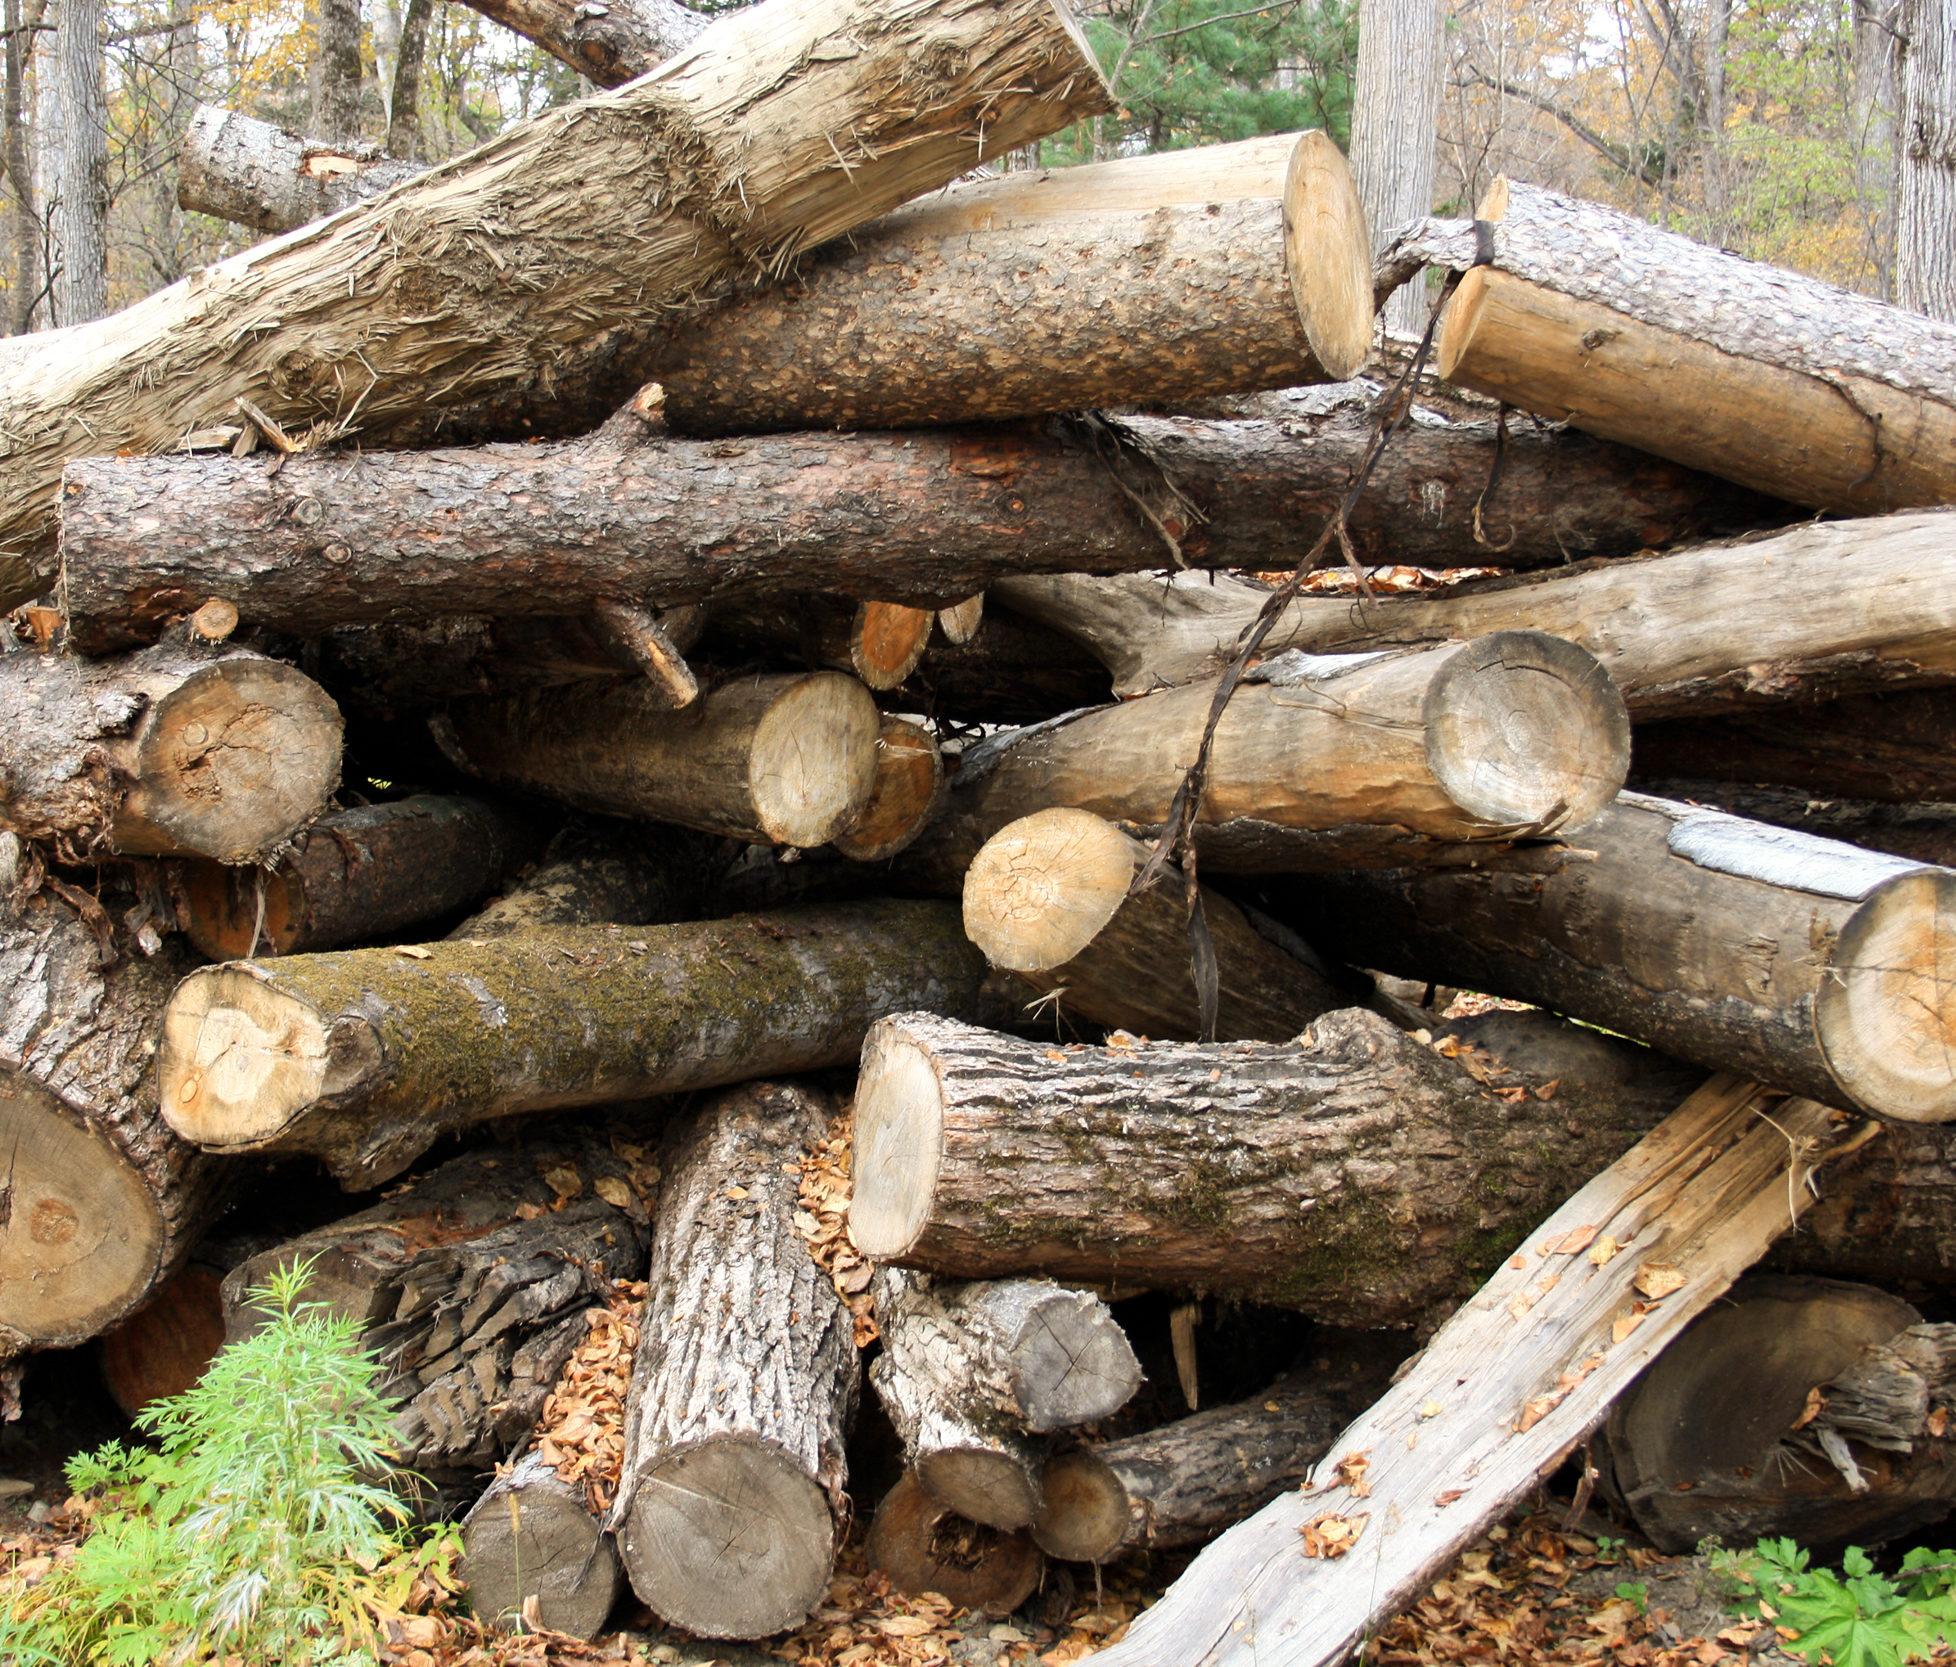 einige Holzstämme liegen ungeordnet auf einem Haufen